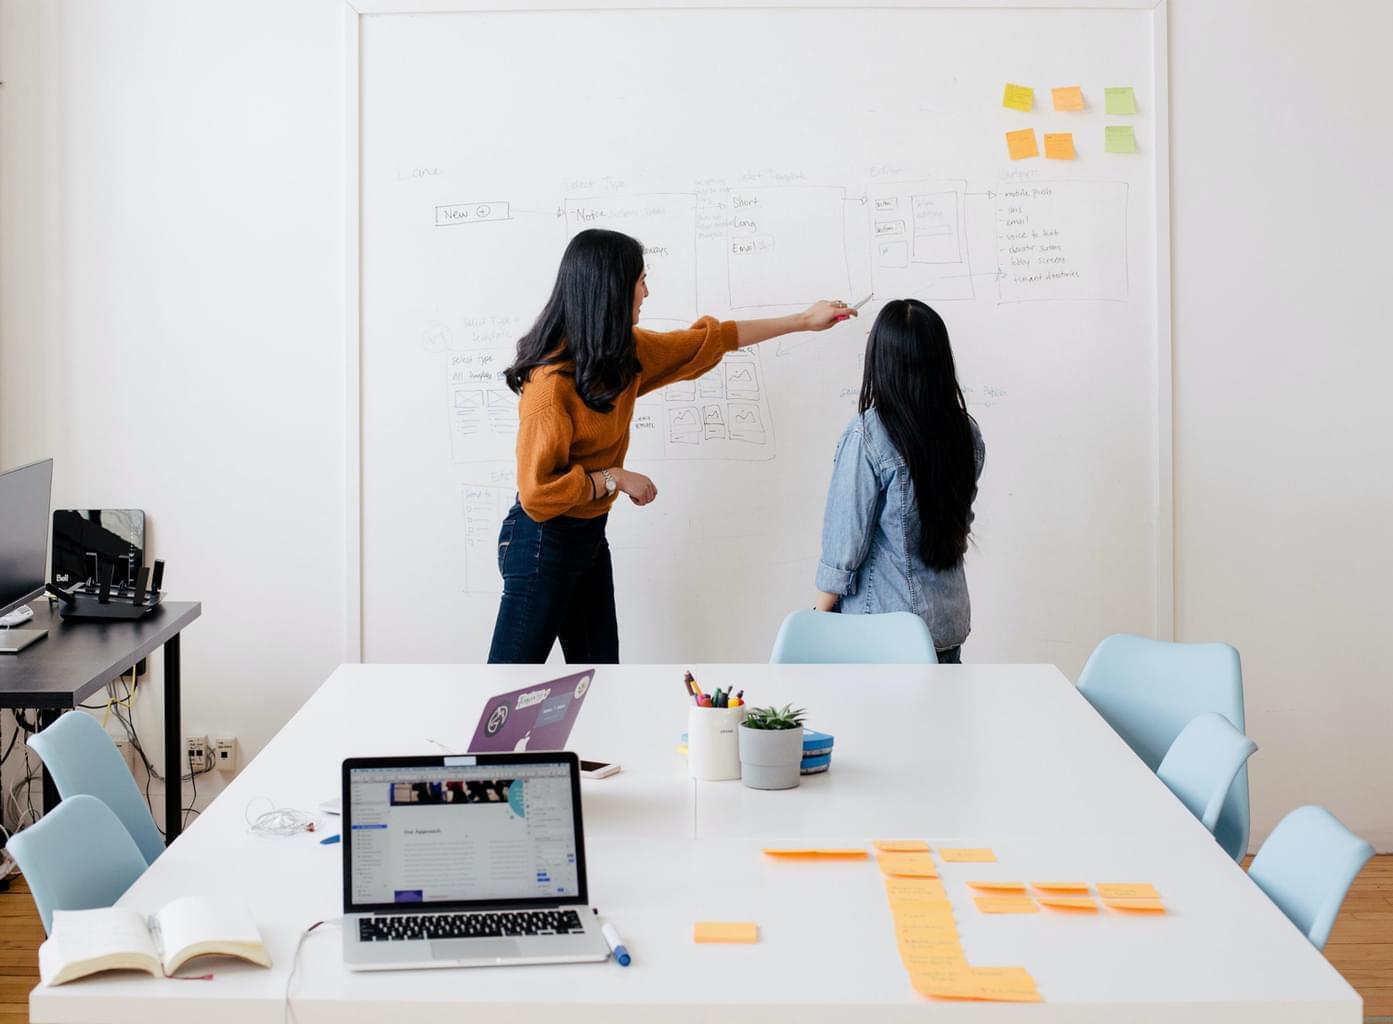 Aanpassen aan veranderingen in de customer journey: conversational business wordt gemeengoed